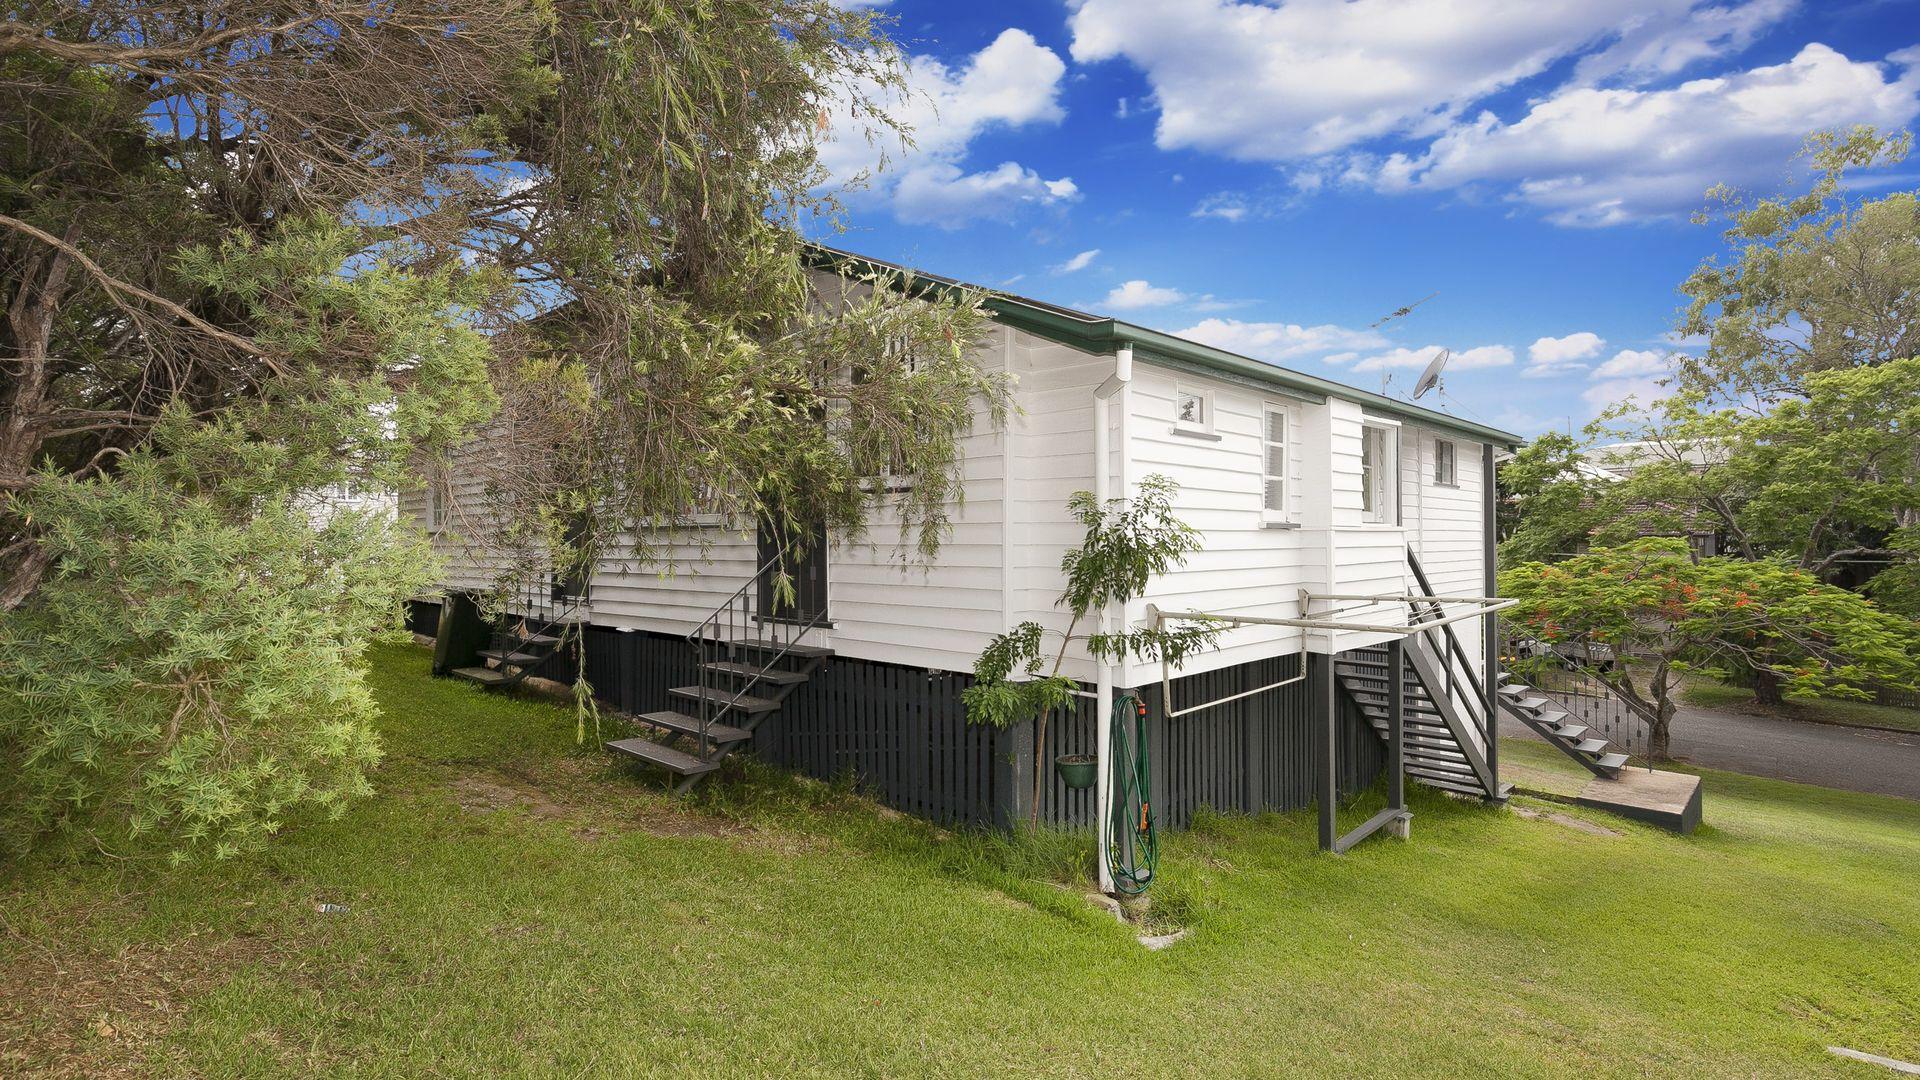 1/62 Abuklea St, Wilston QLD 4051, Image 6